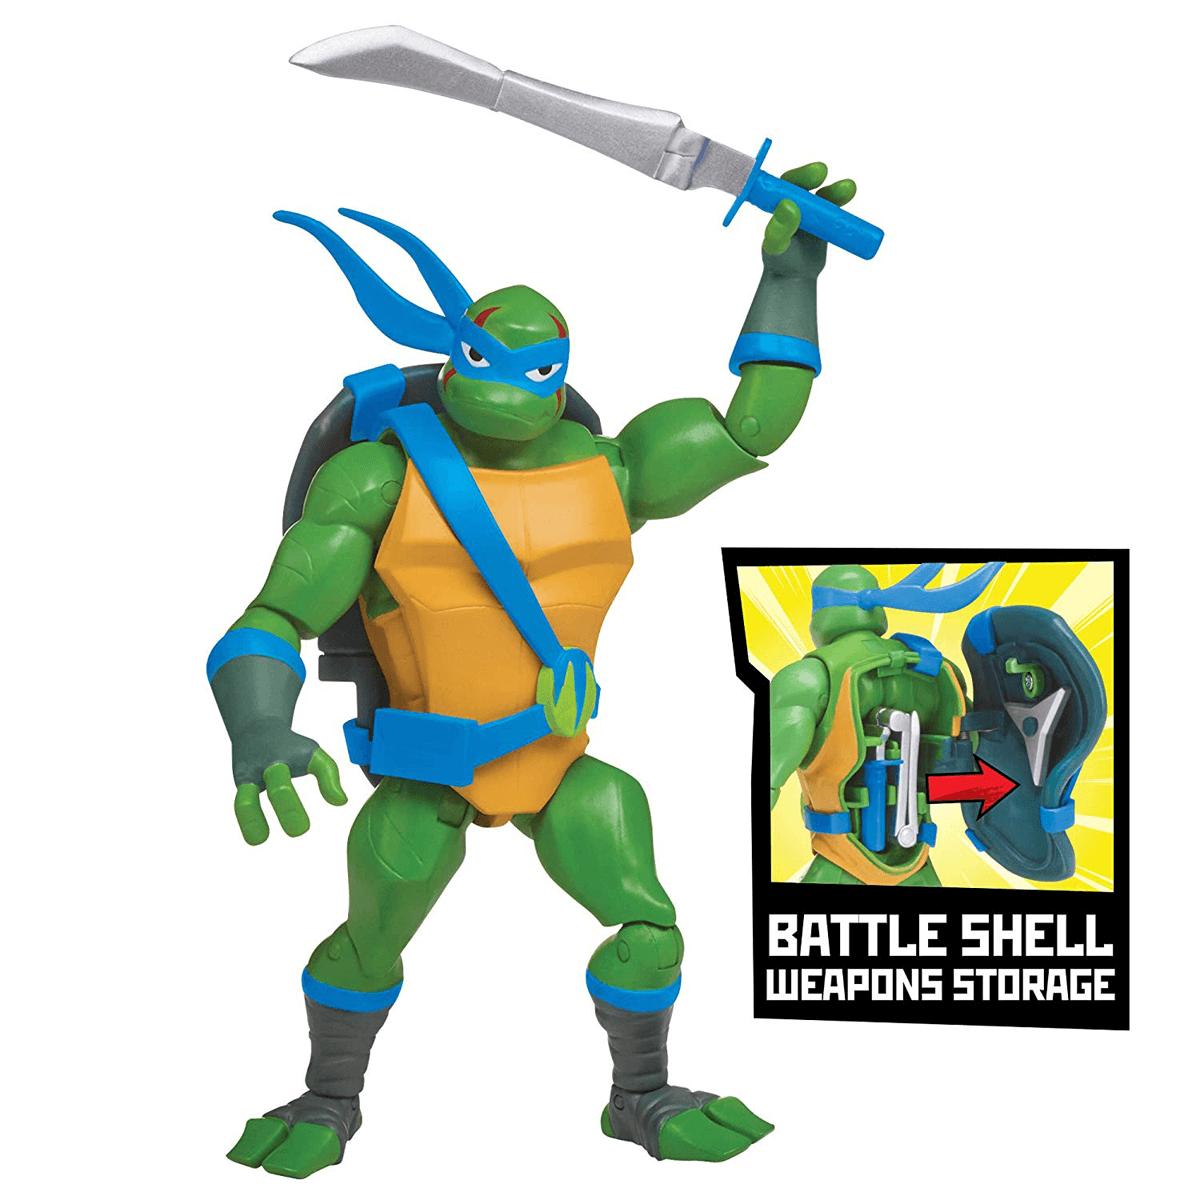 Teenage Mutant Ninja Turtles Battle Shell Leonardo Action Figure Discontinued